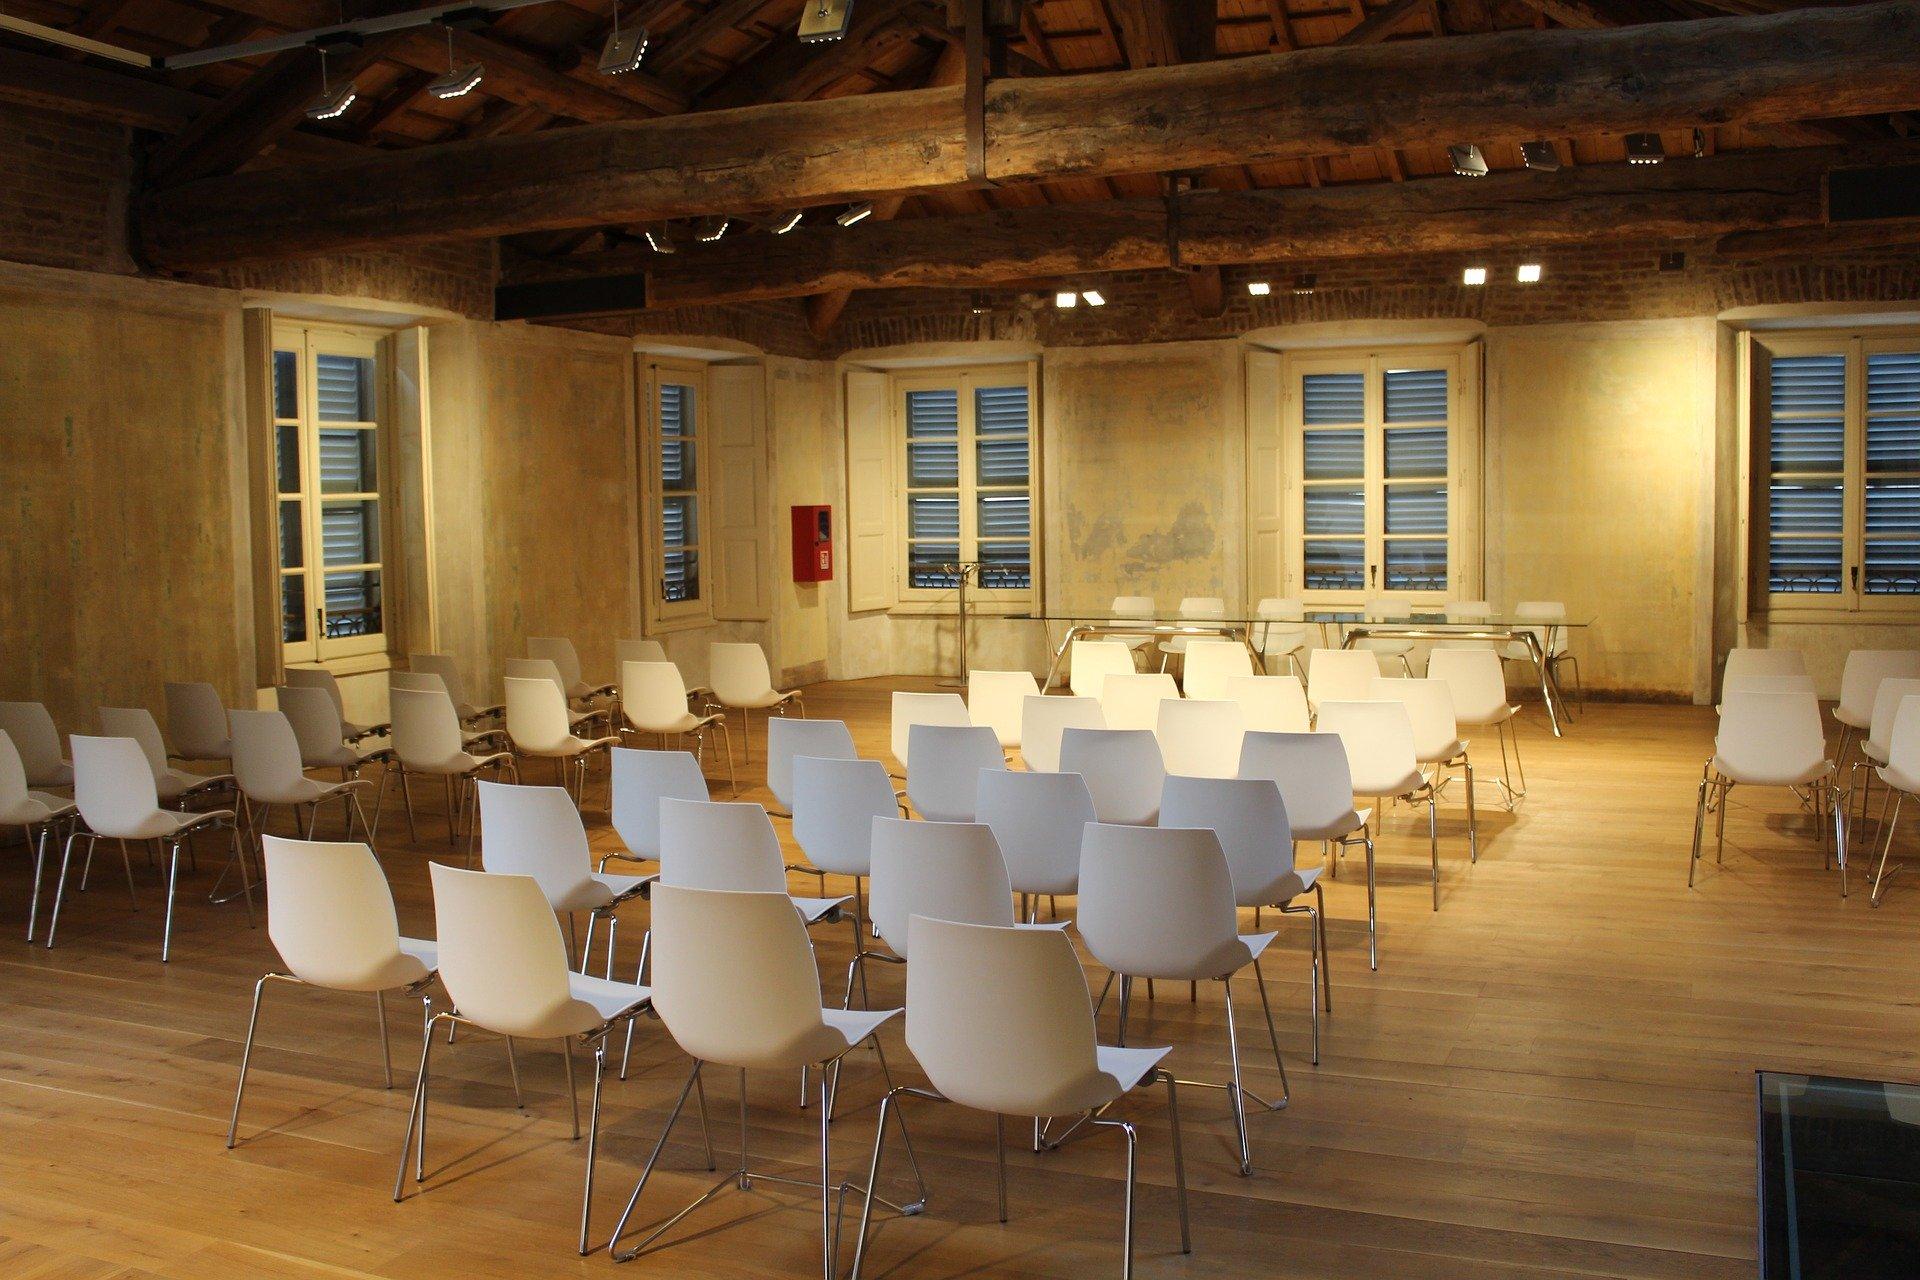 Ein Seminarraum mit weißen Stühlen und angenehmen Licht